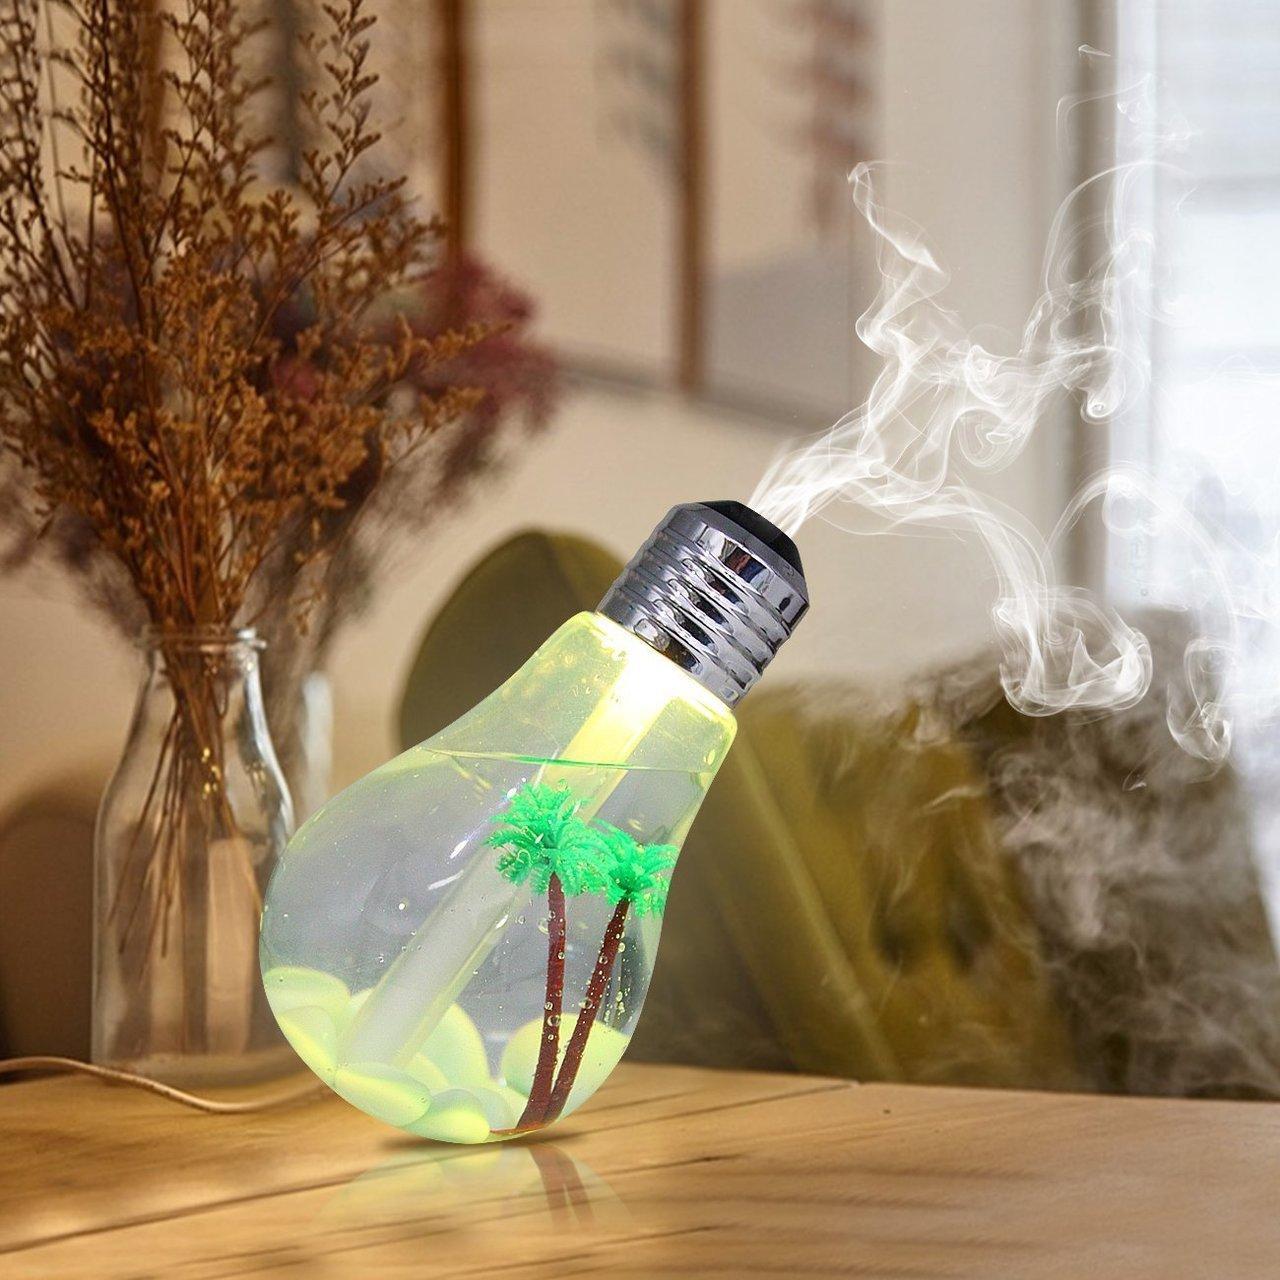 Увлажнитель воздуха в виде лампочки!